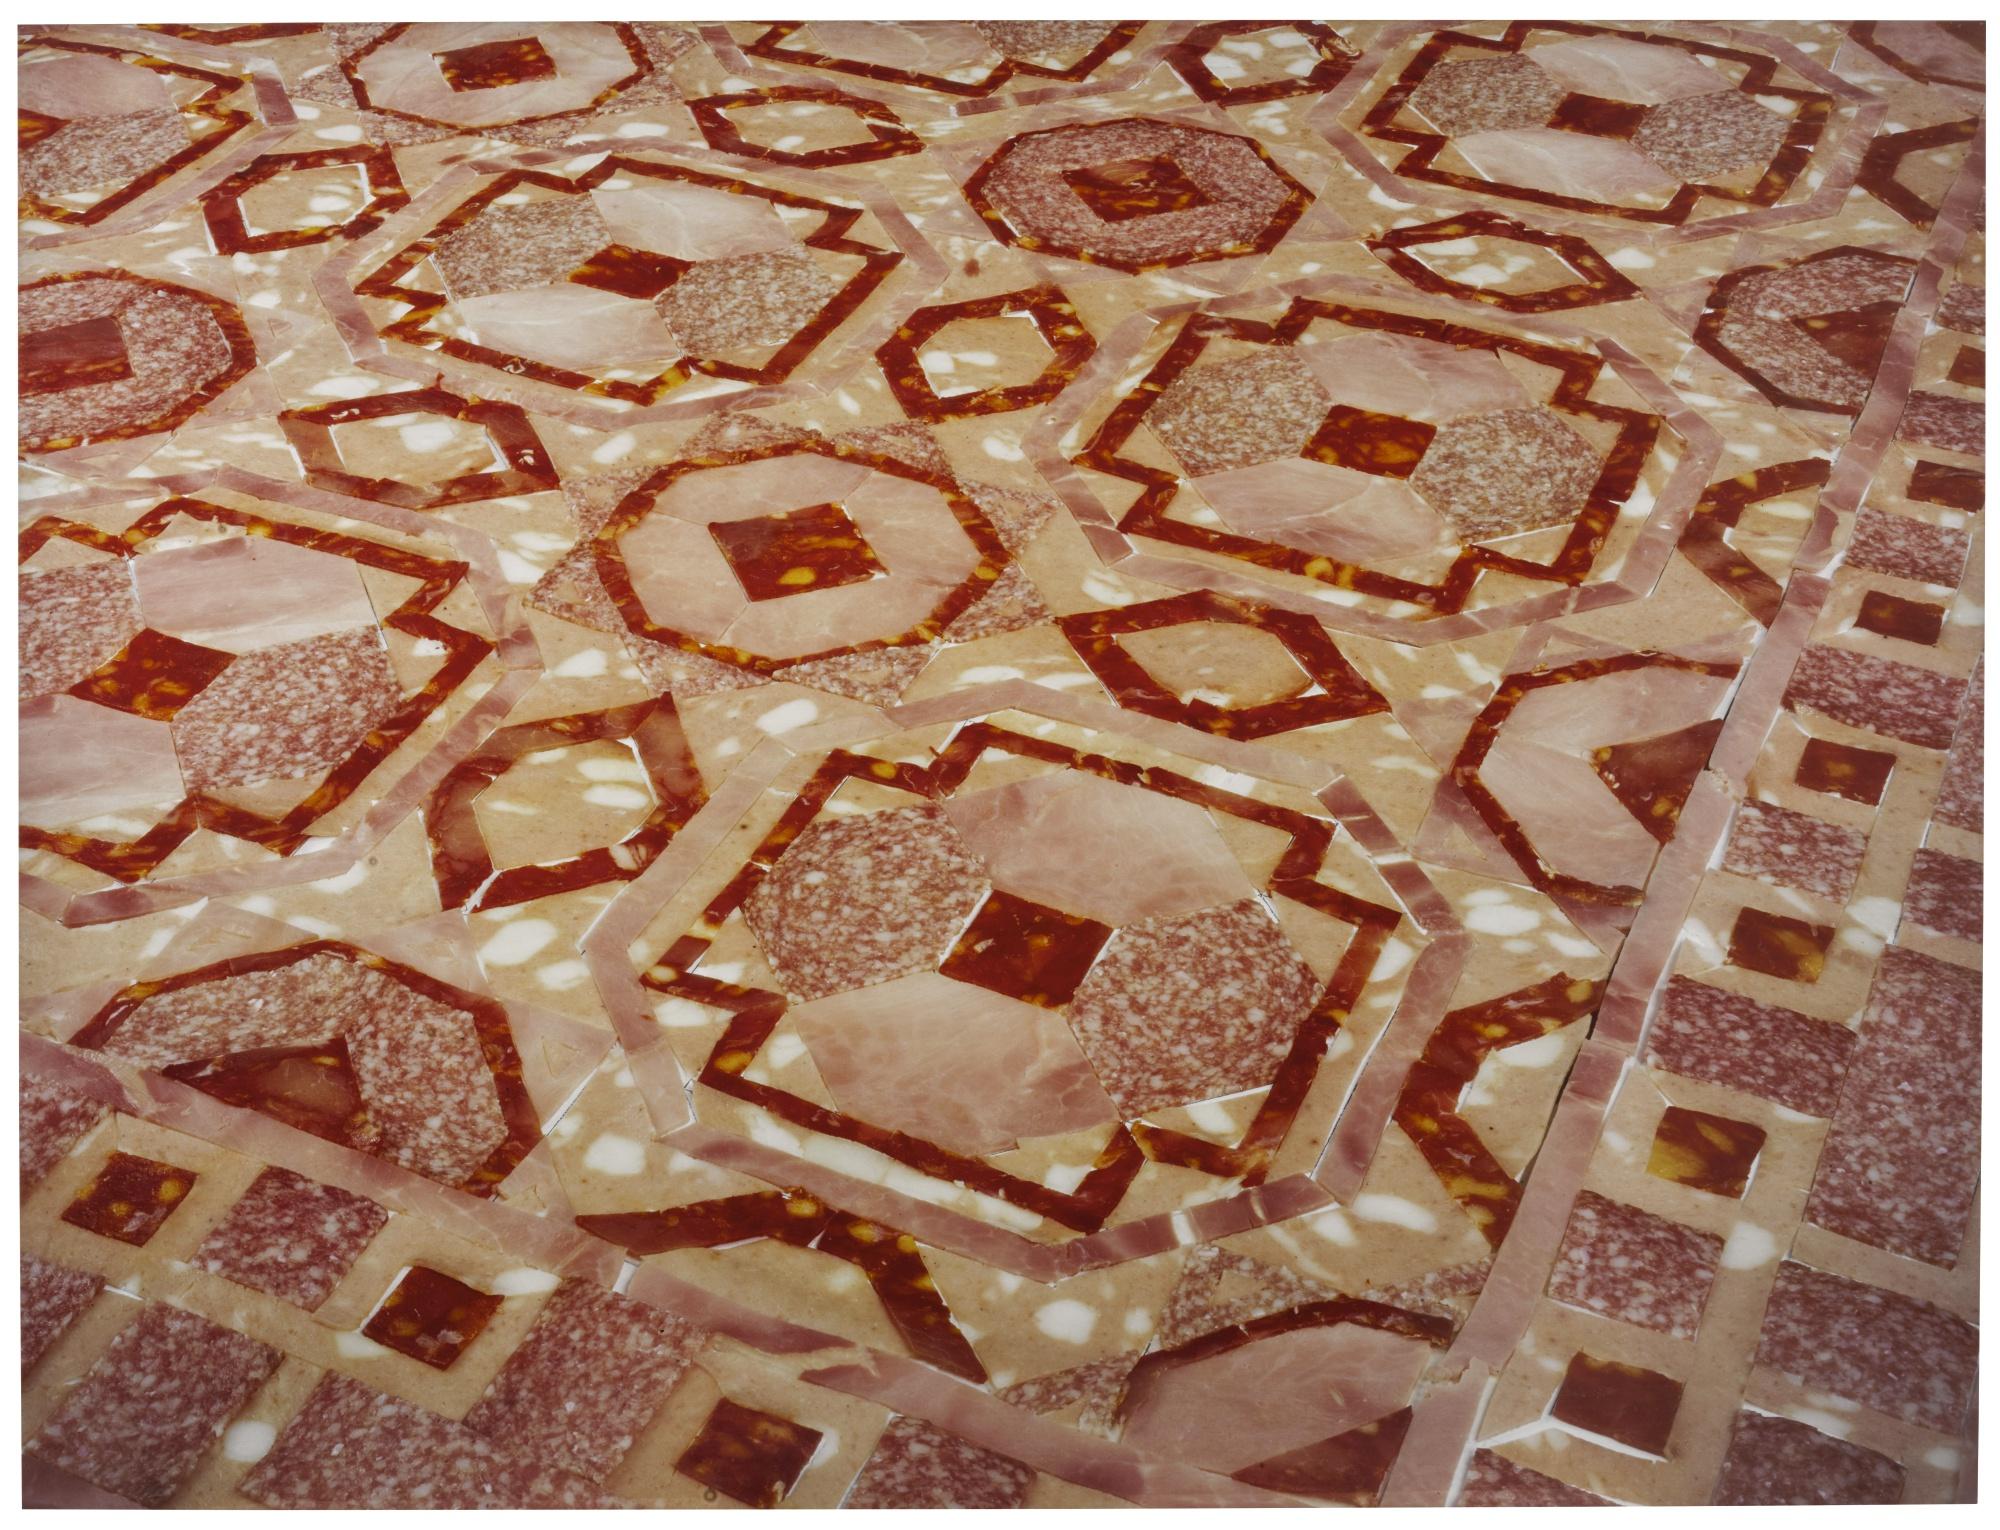 Wim Delvoye-Marble Floor #43-1999